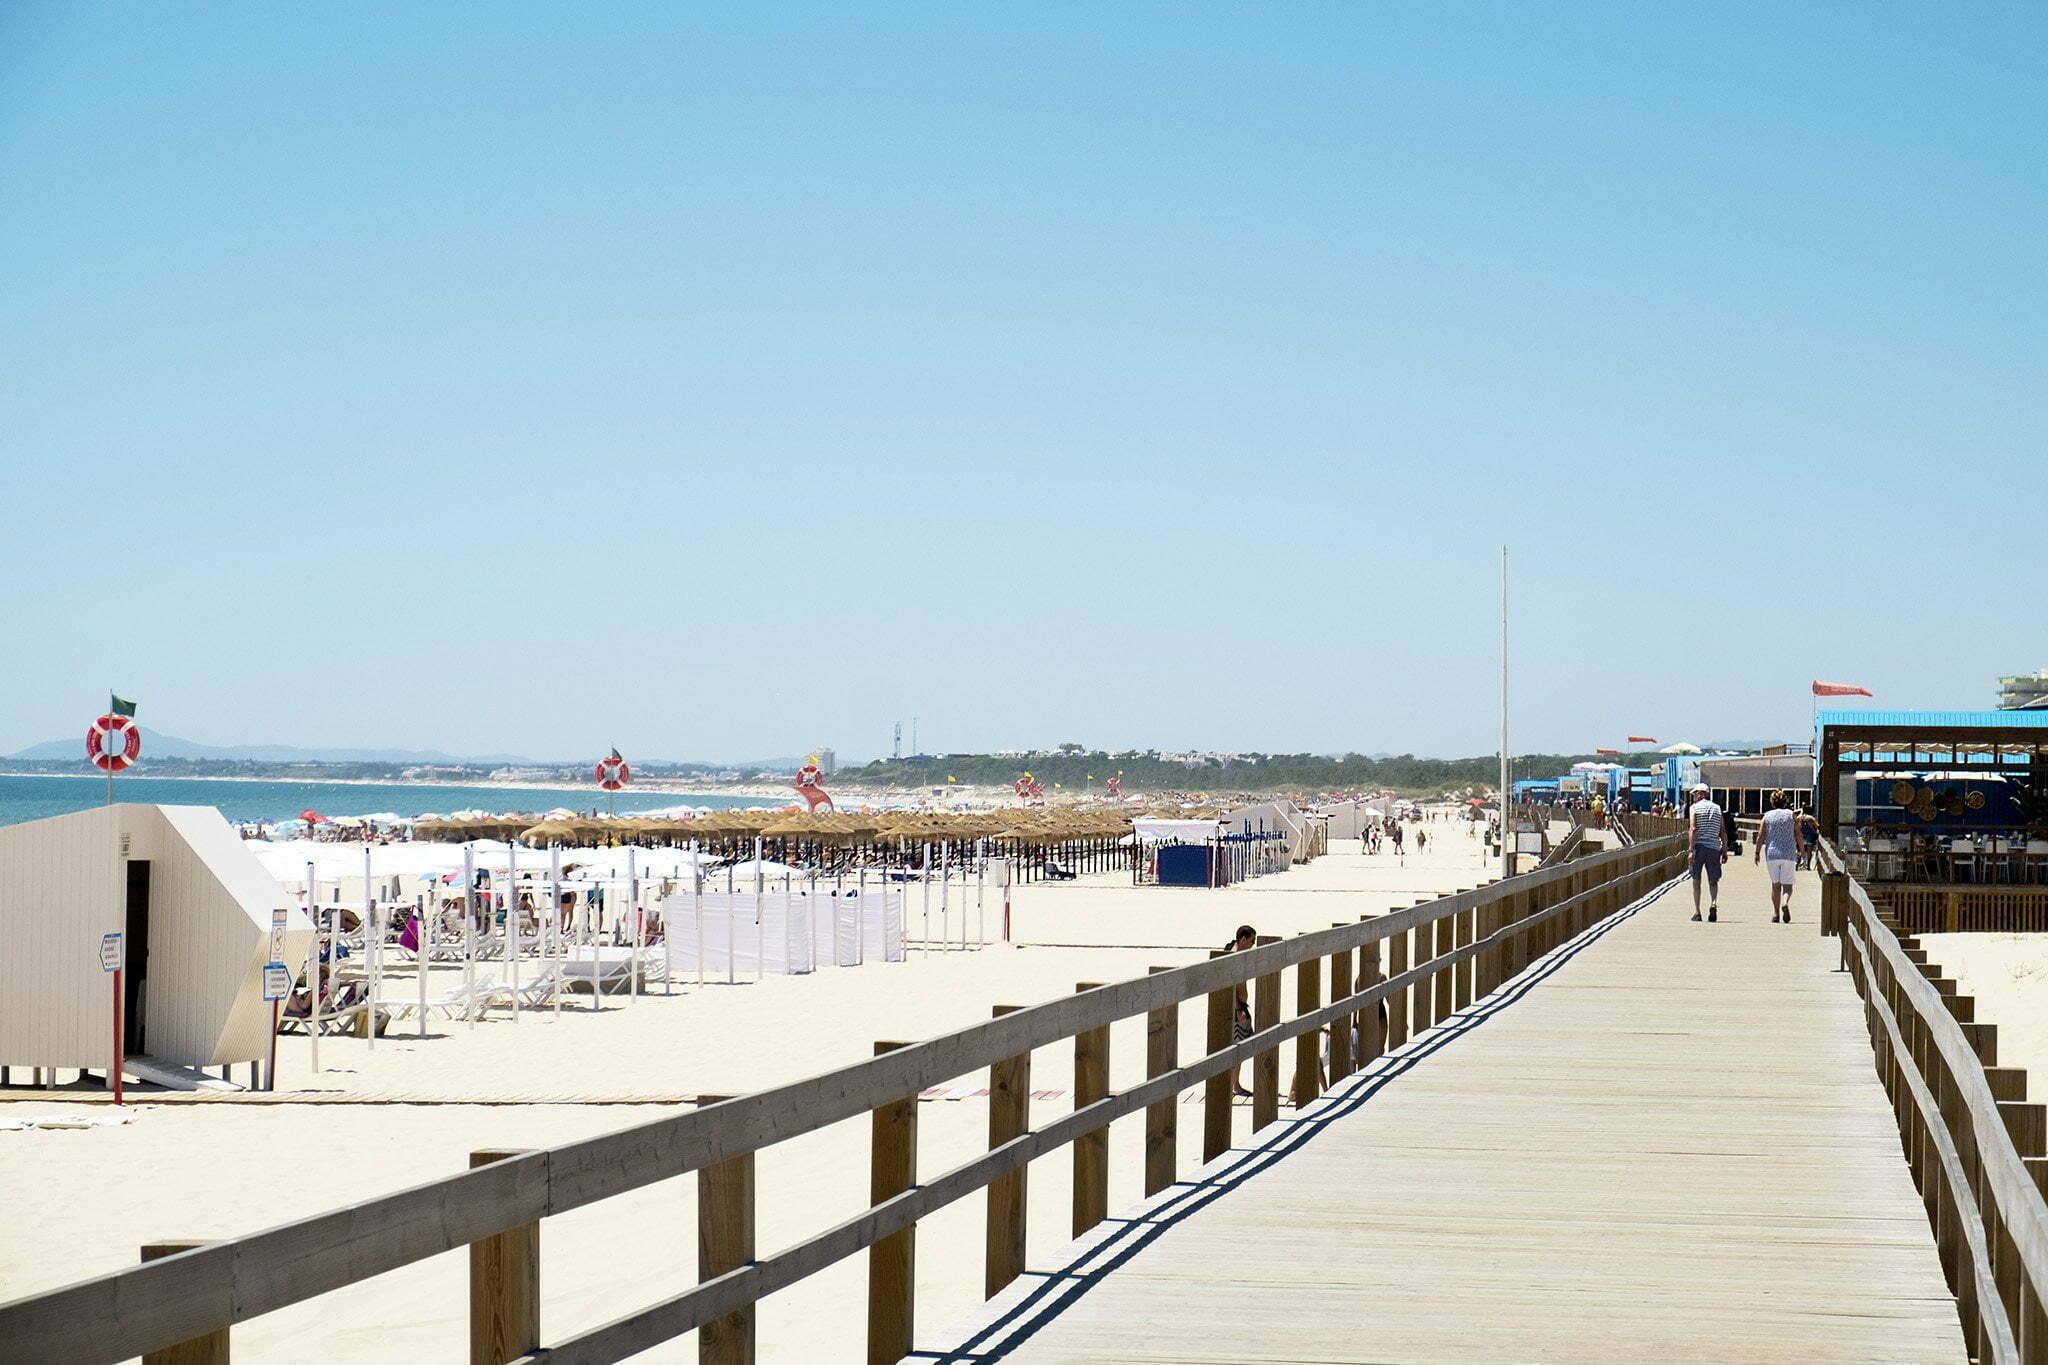 Vakantie in Algarve Monte Gordo Portugal - Persoonlijk